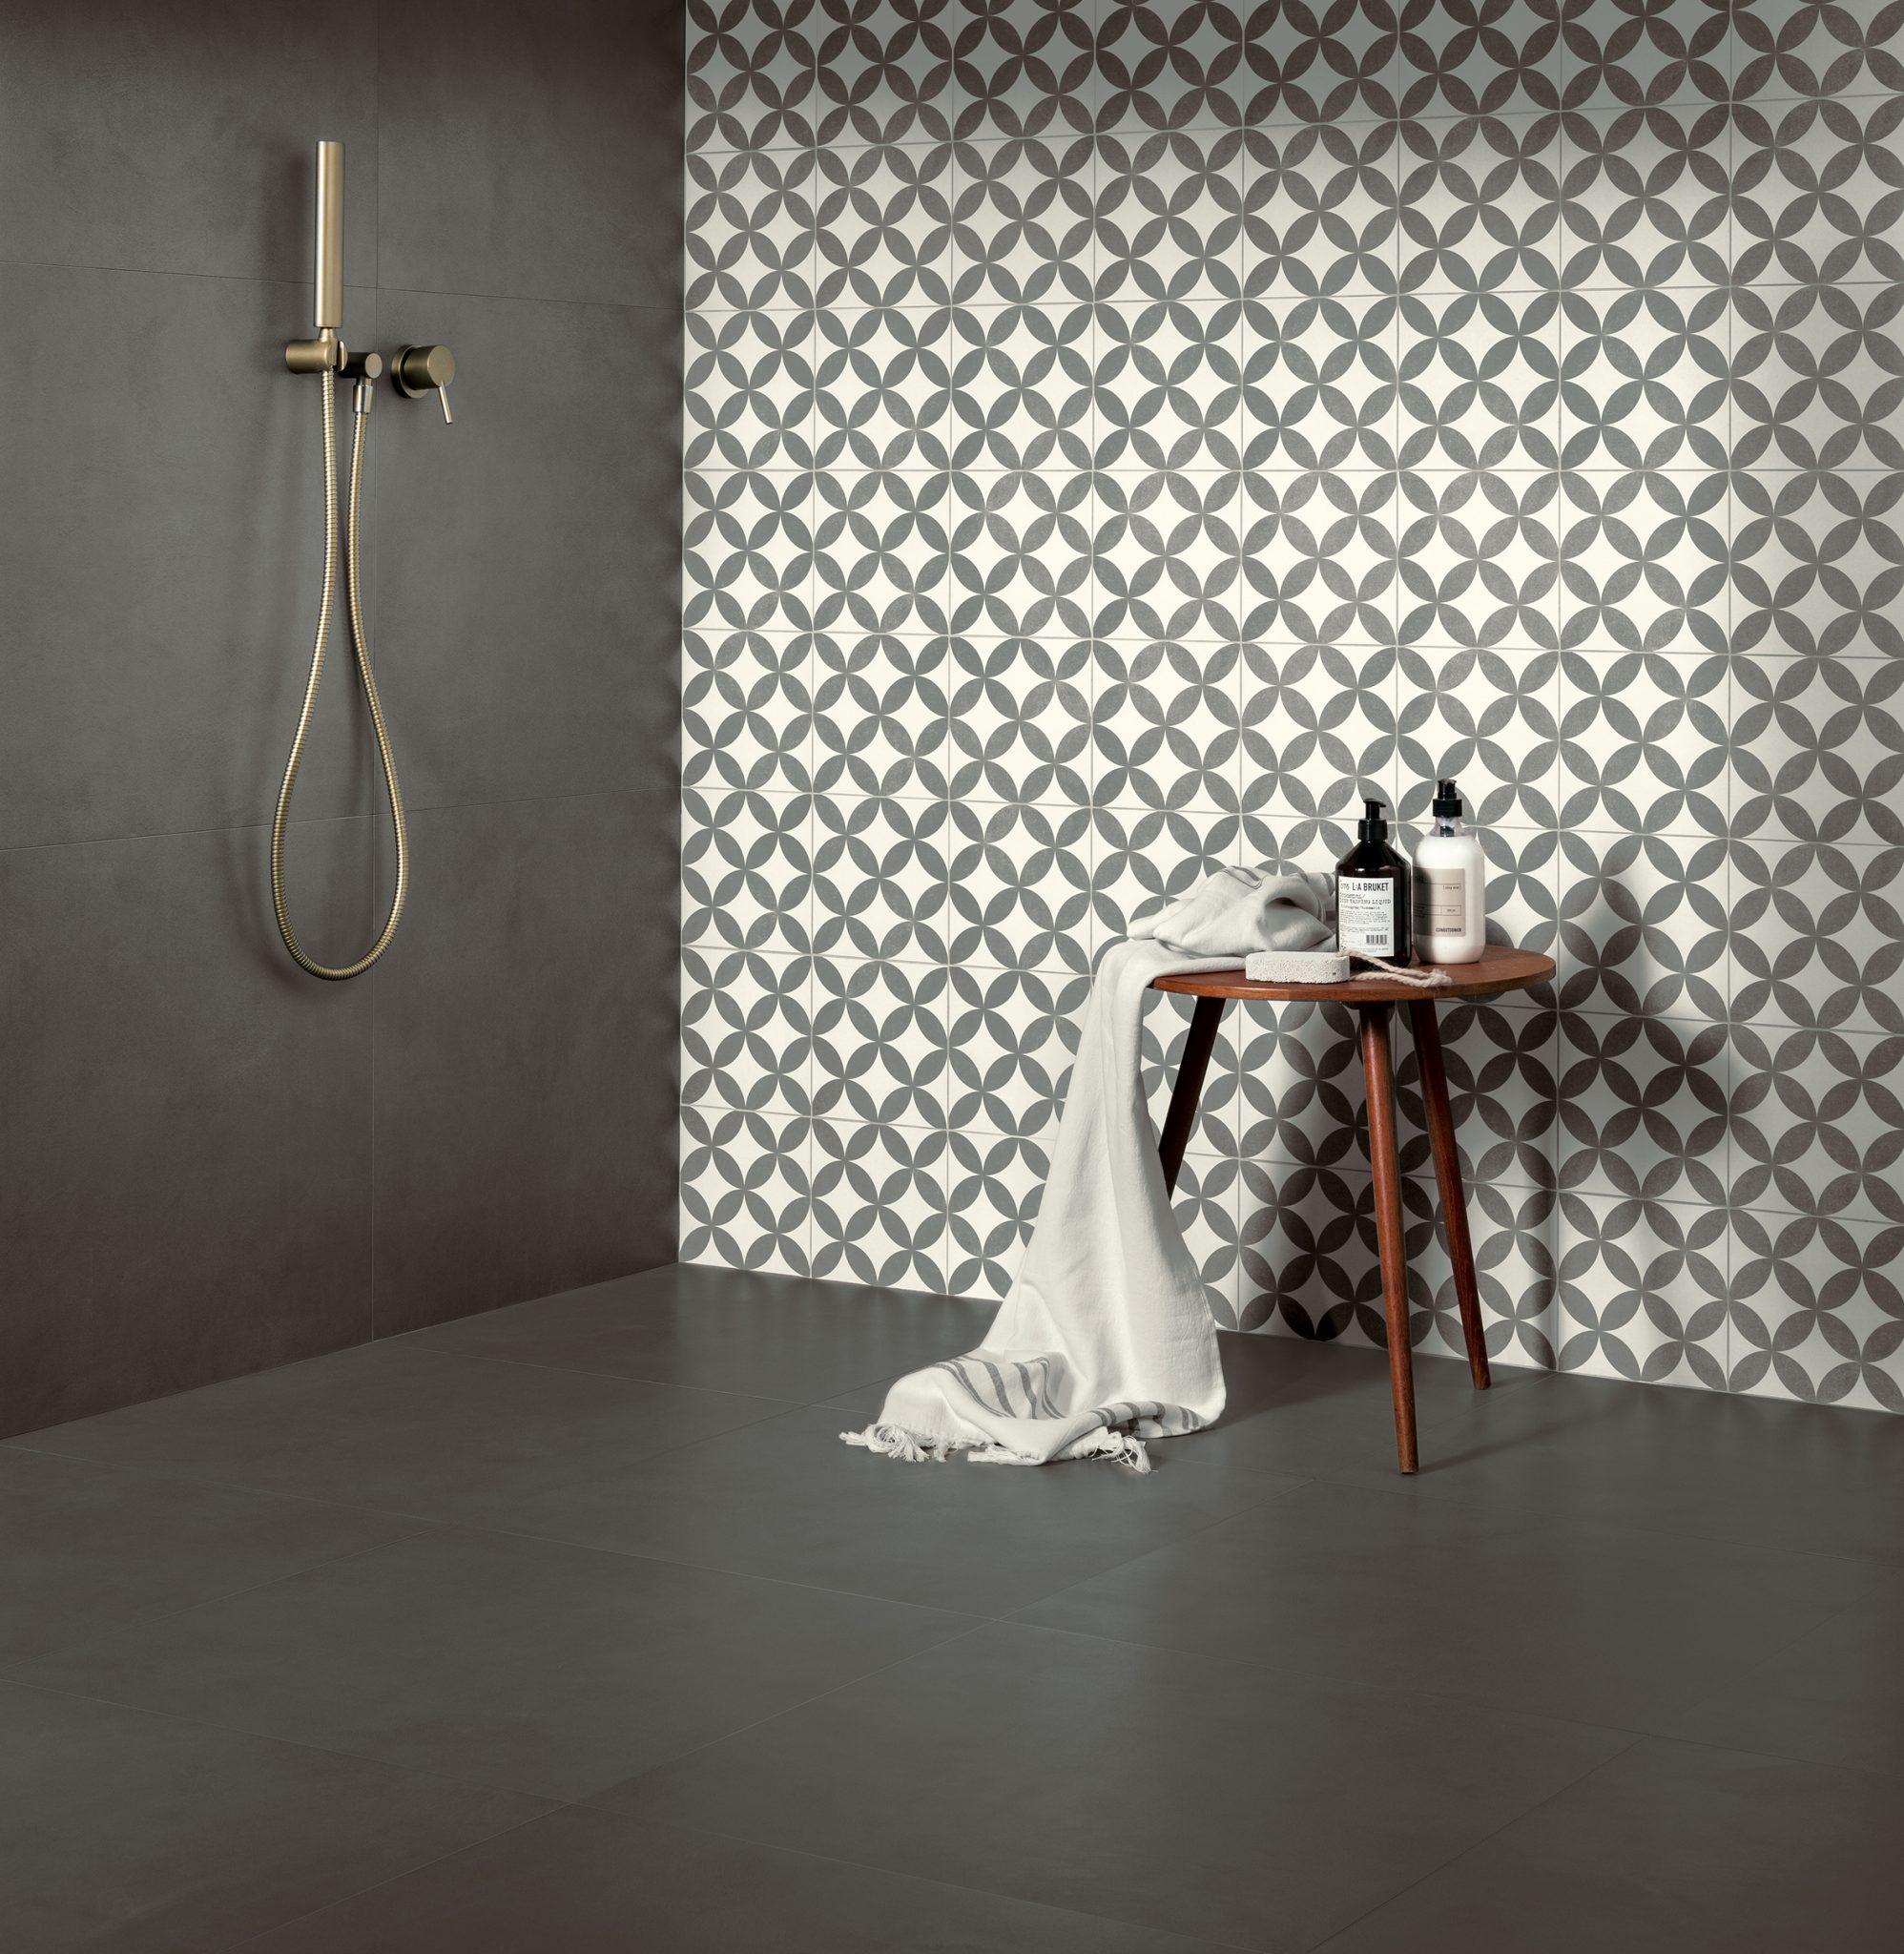 Seamless decor microcement betonglook puss bella fliser norge oslo drammen lier tønsberg